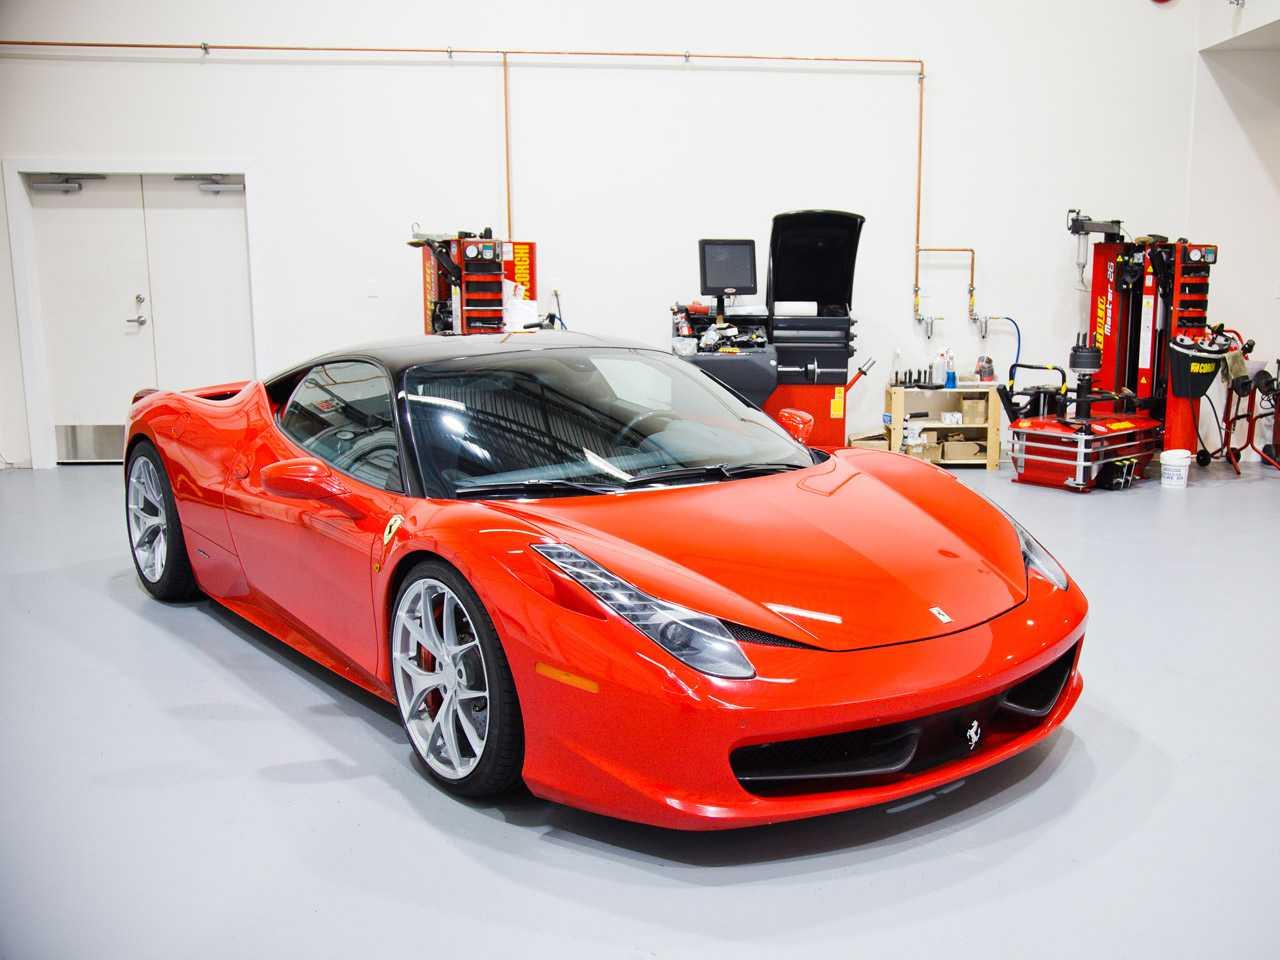 Ferrari 458 italia, тест драйв, технические характеристики, цены, фото, видео